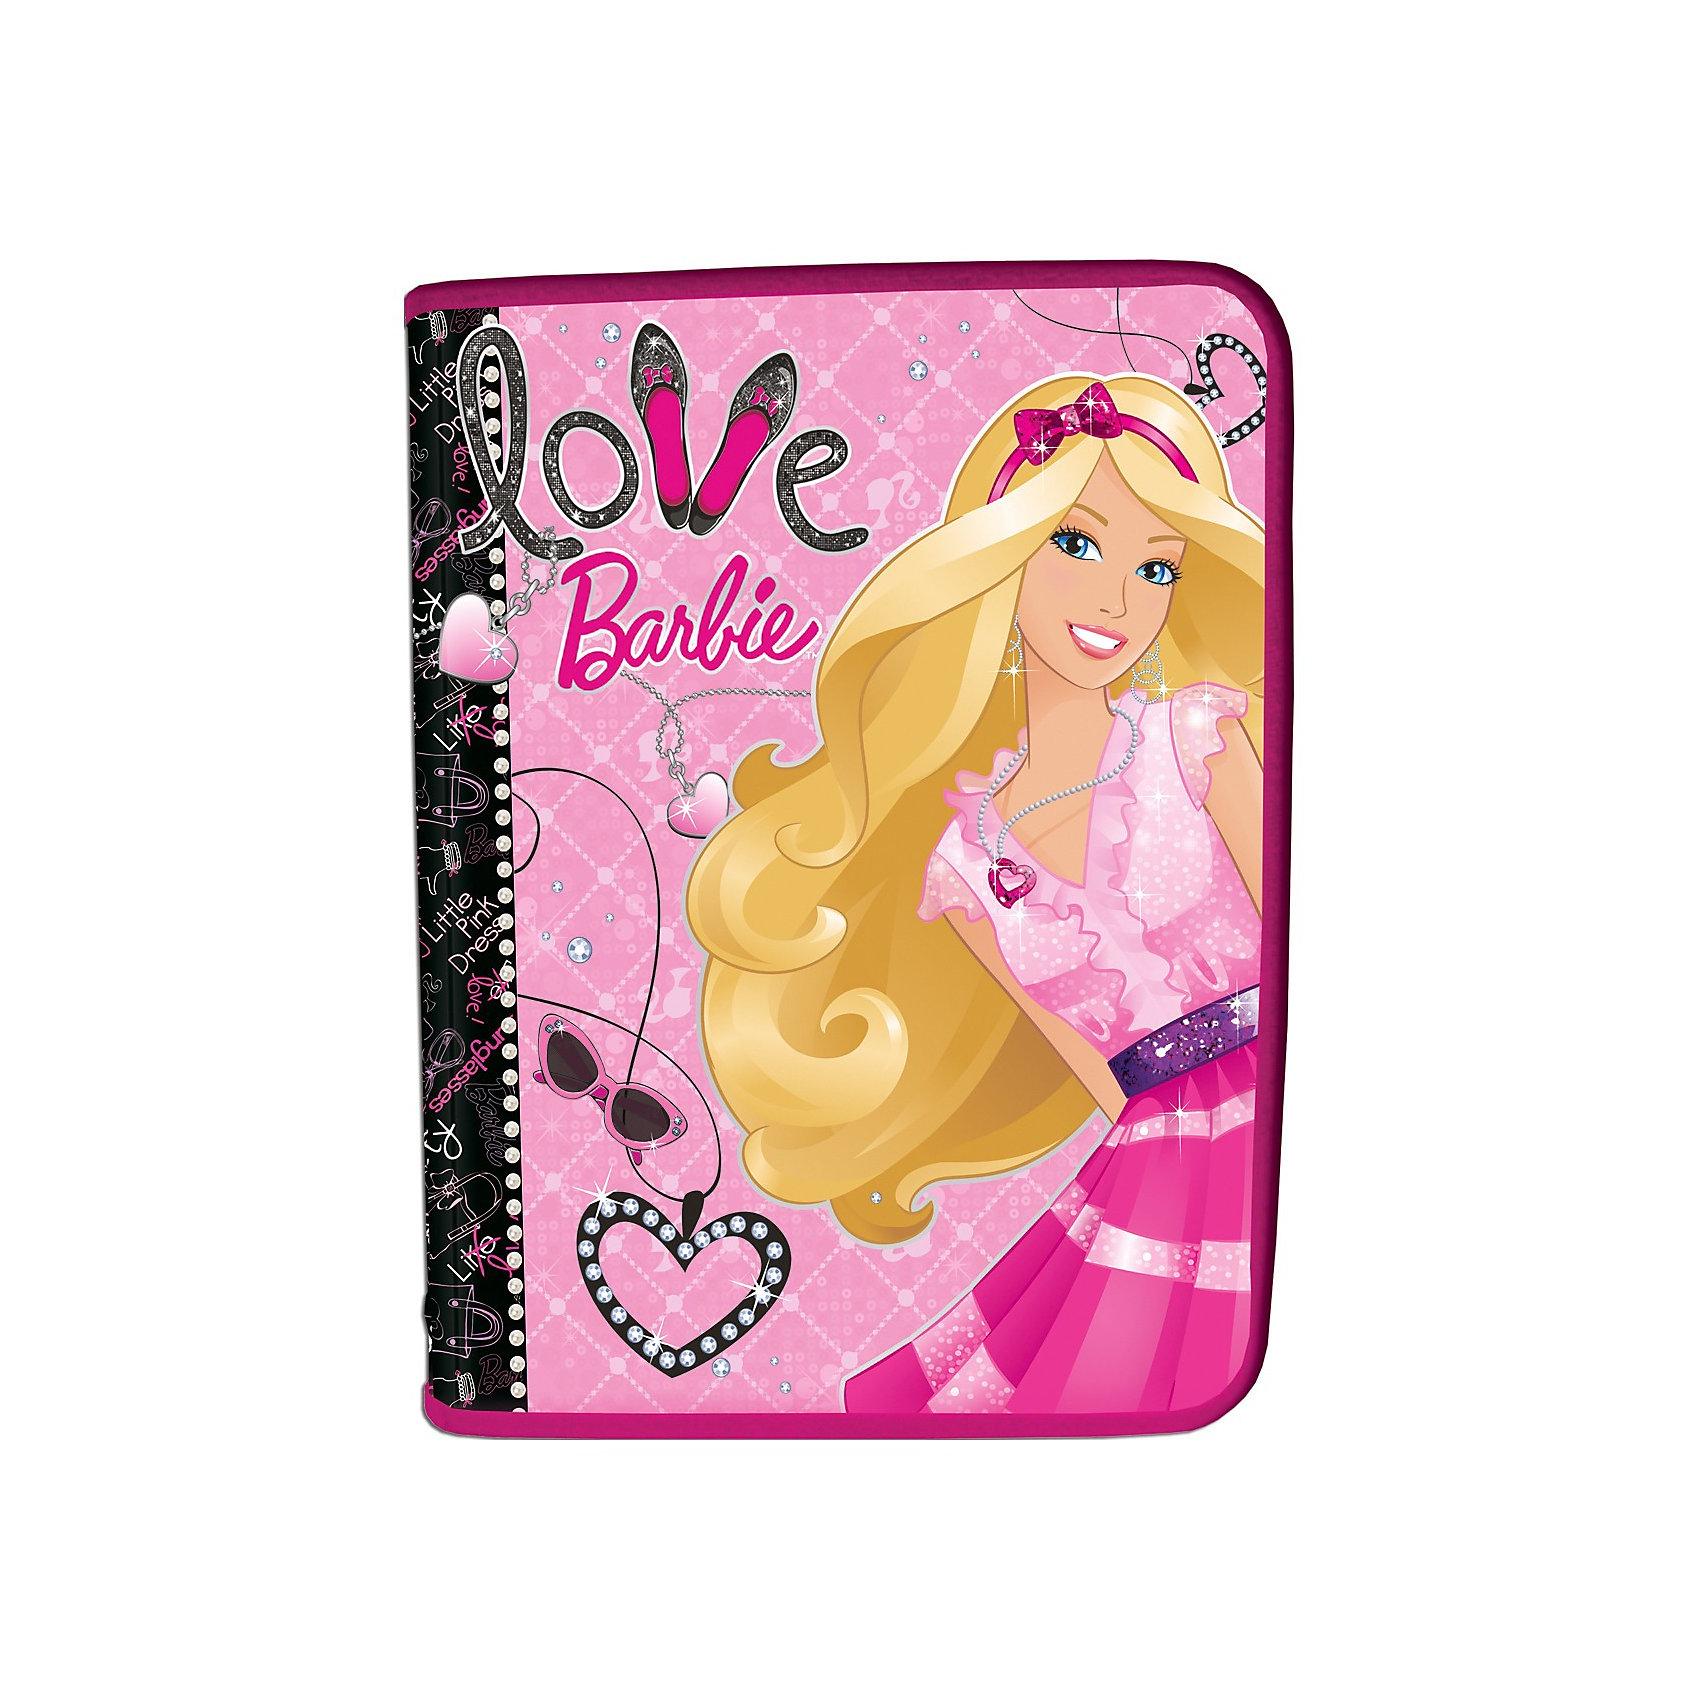 Папка для тетрадей А5, на молнии, BarbieПапка для тетрадей с изображением Barbie (Барби) станет прекрасной помощницей Вашей девочки в школе!<br><br>Дополнительная информация:<br>Размеры: для тетрадей формата А5, молния с 3-х сторон. <br>Толщина пластика: 0,5мм.  <br>Картон с матовой ламинацией Barbie (Барби).<br><br>Станет прекрасным подарком любой моднице!<br><br>Ширина мм: 228<br>Глубина мм: 377<br>Высота мм: 10<br>Вес г: 58<br>Возраст от месяцев: 96<br>Возраст до месяцев: 168<br>Пол: Женский<br>Возраст: Детский<br>SKU: 3291575